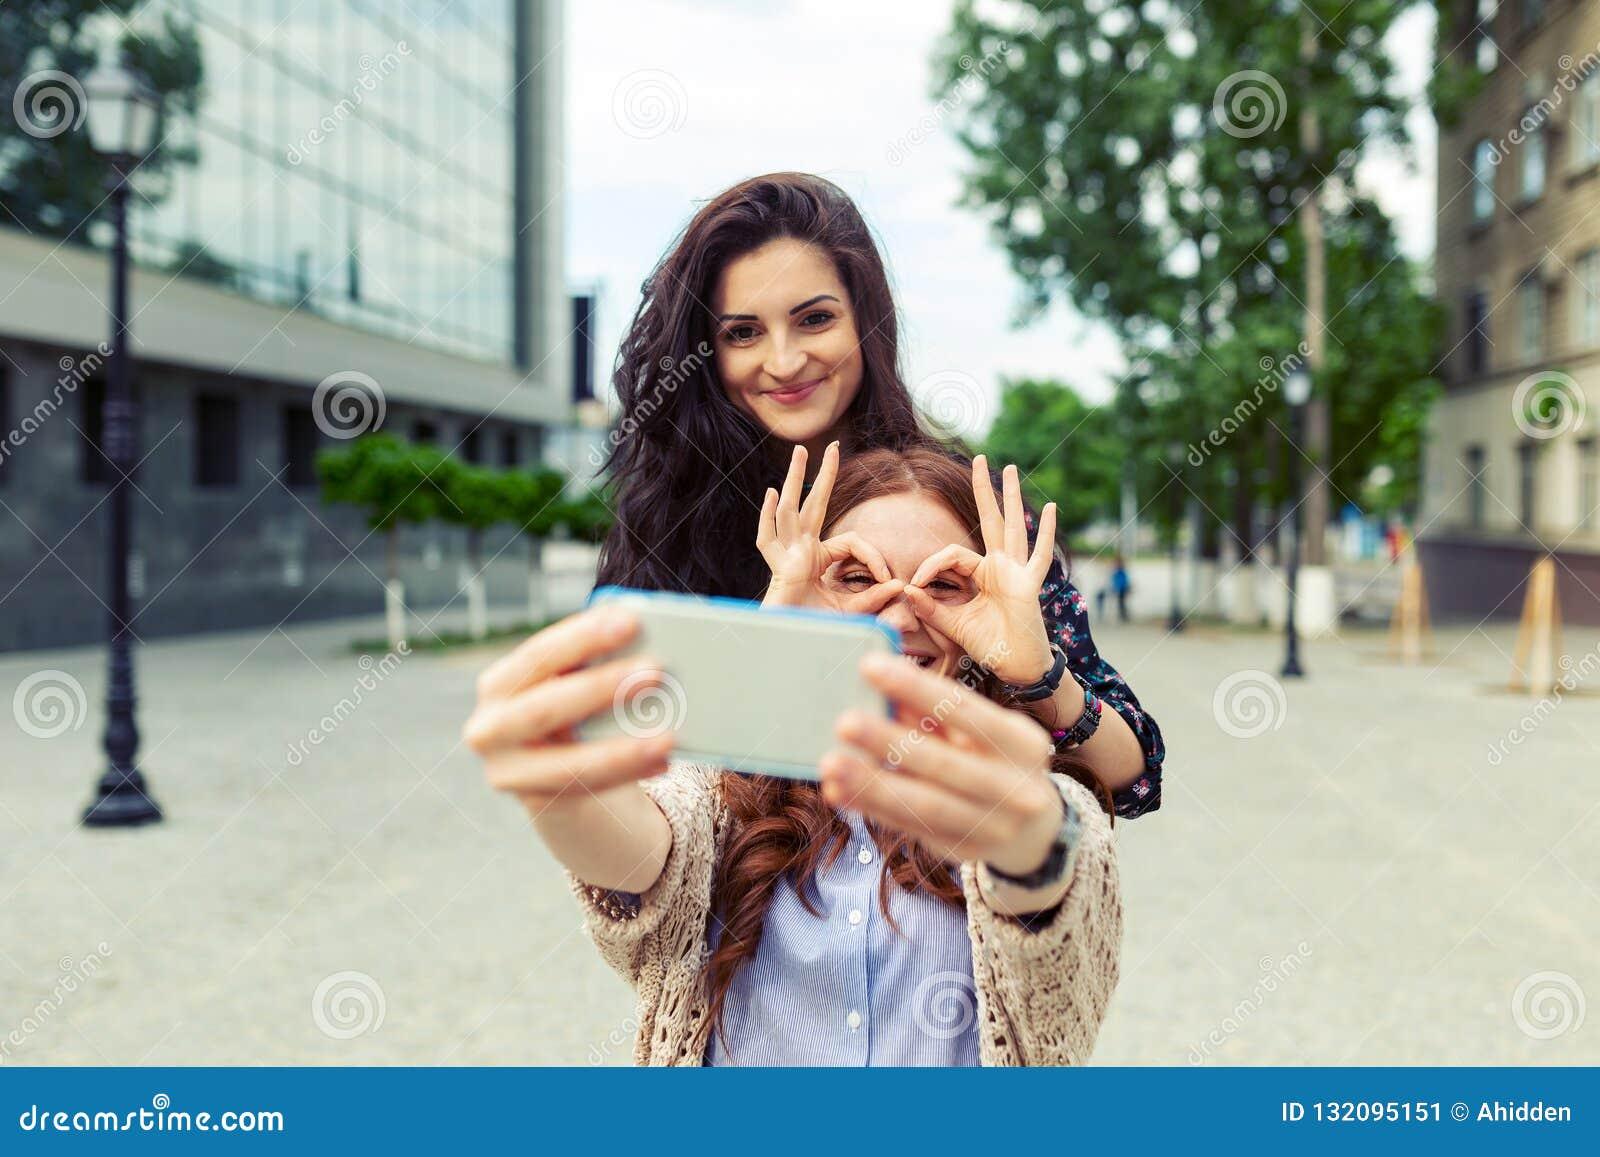 一起做滑稽的selfie的两个女孩在街道,获得乐趣